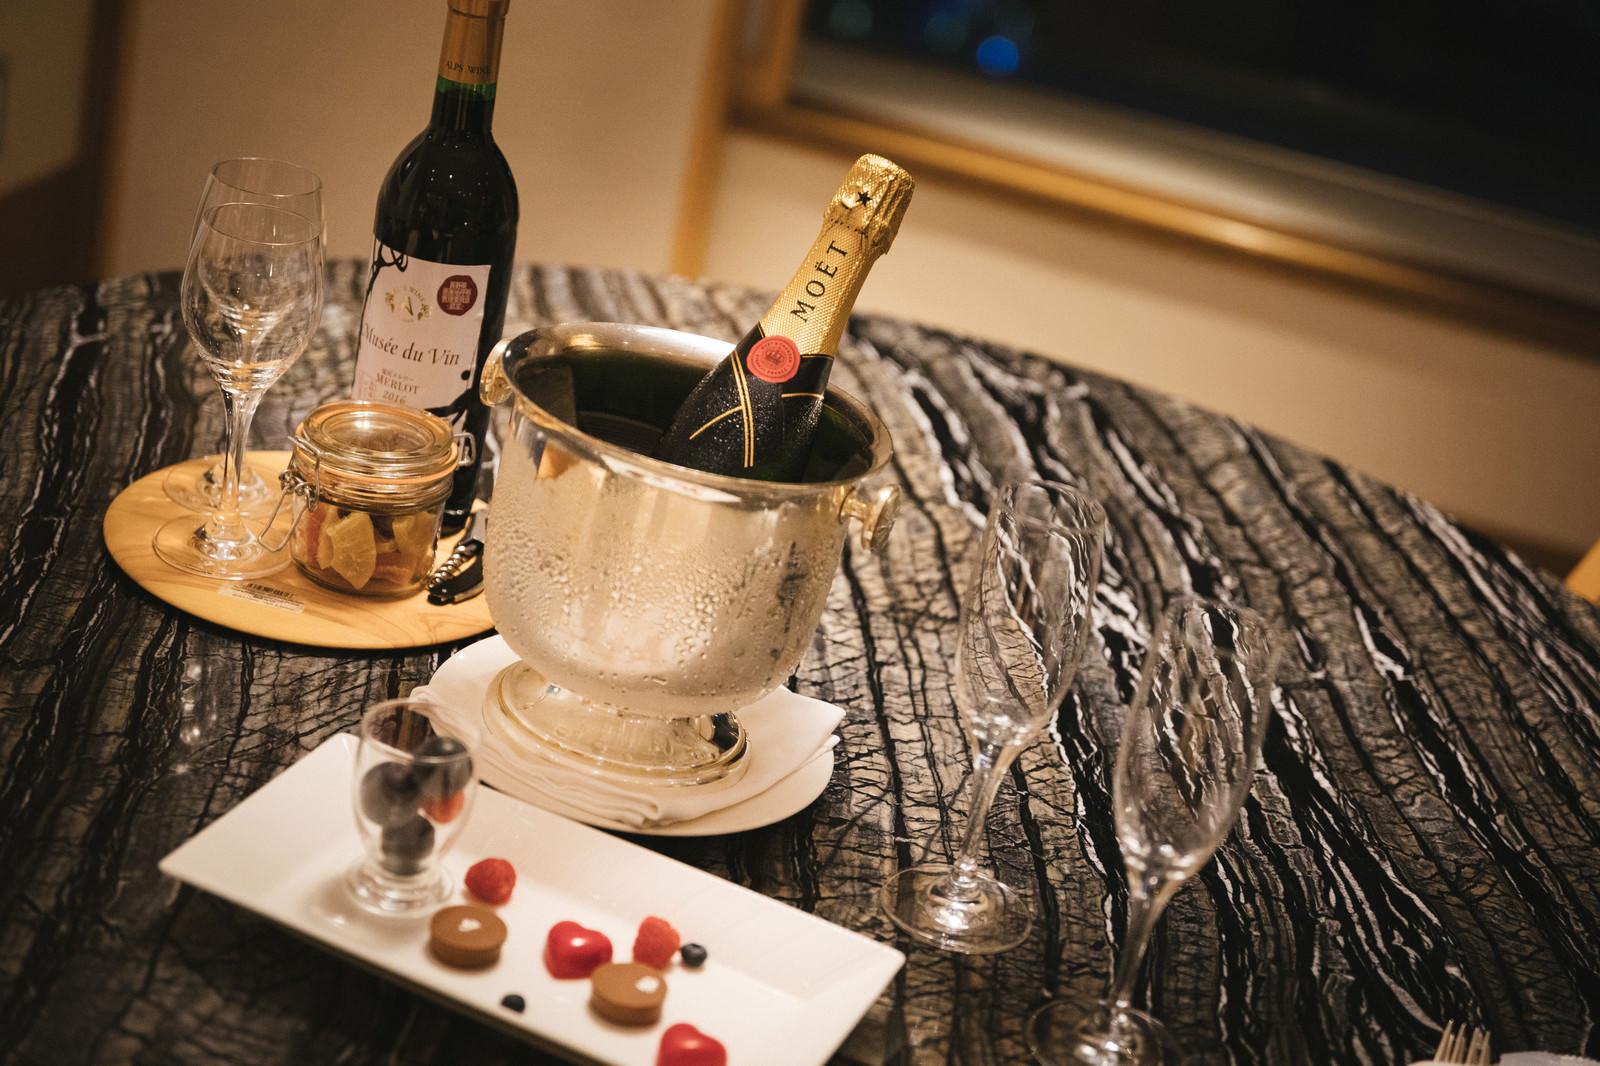 「テーブル上に置かれたシャンパンとワイン」の写真